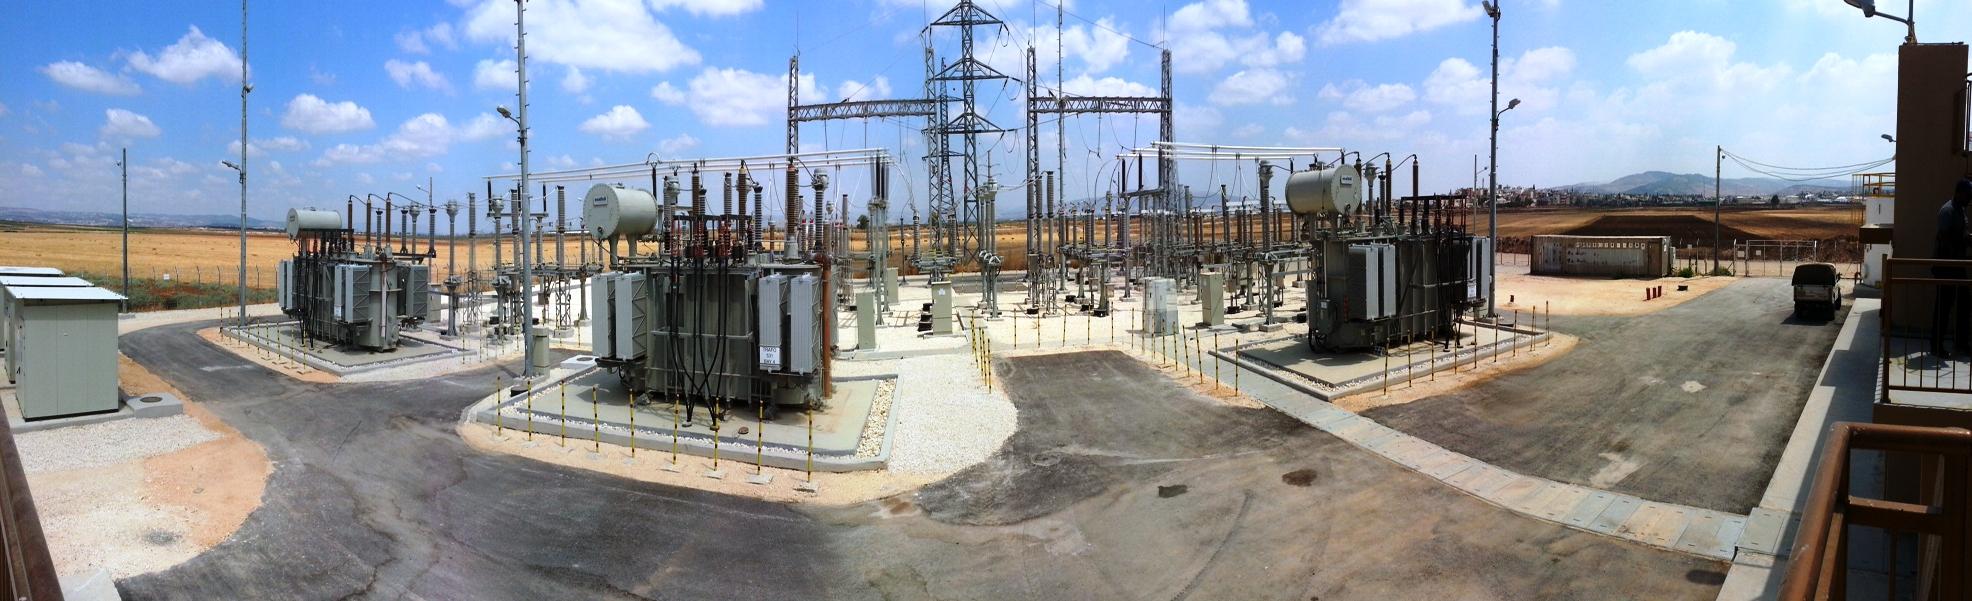 صورة بانورما لمحطة تحويل كهرباء جنين (الجلمة)